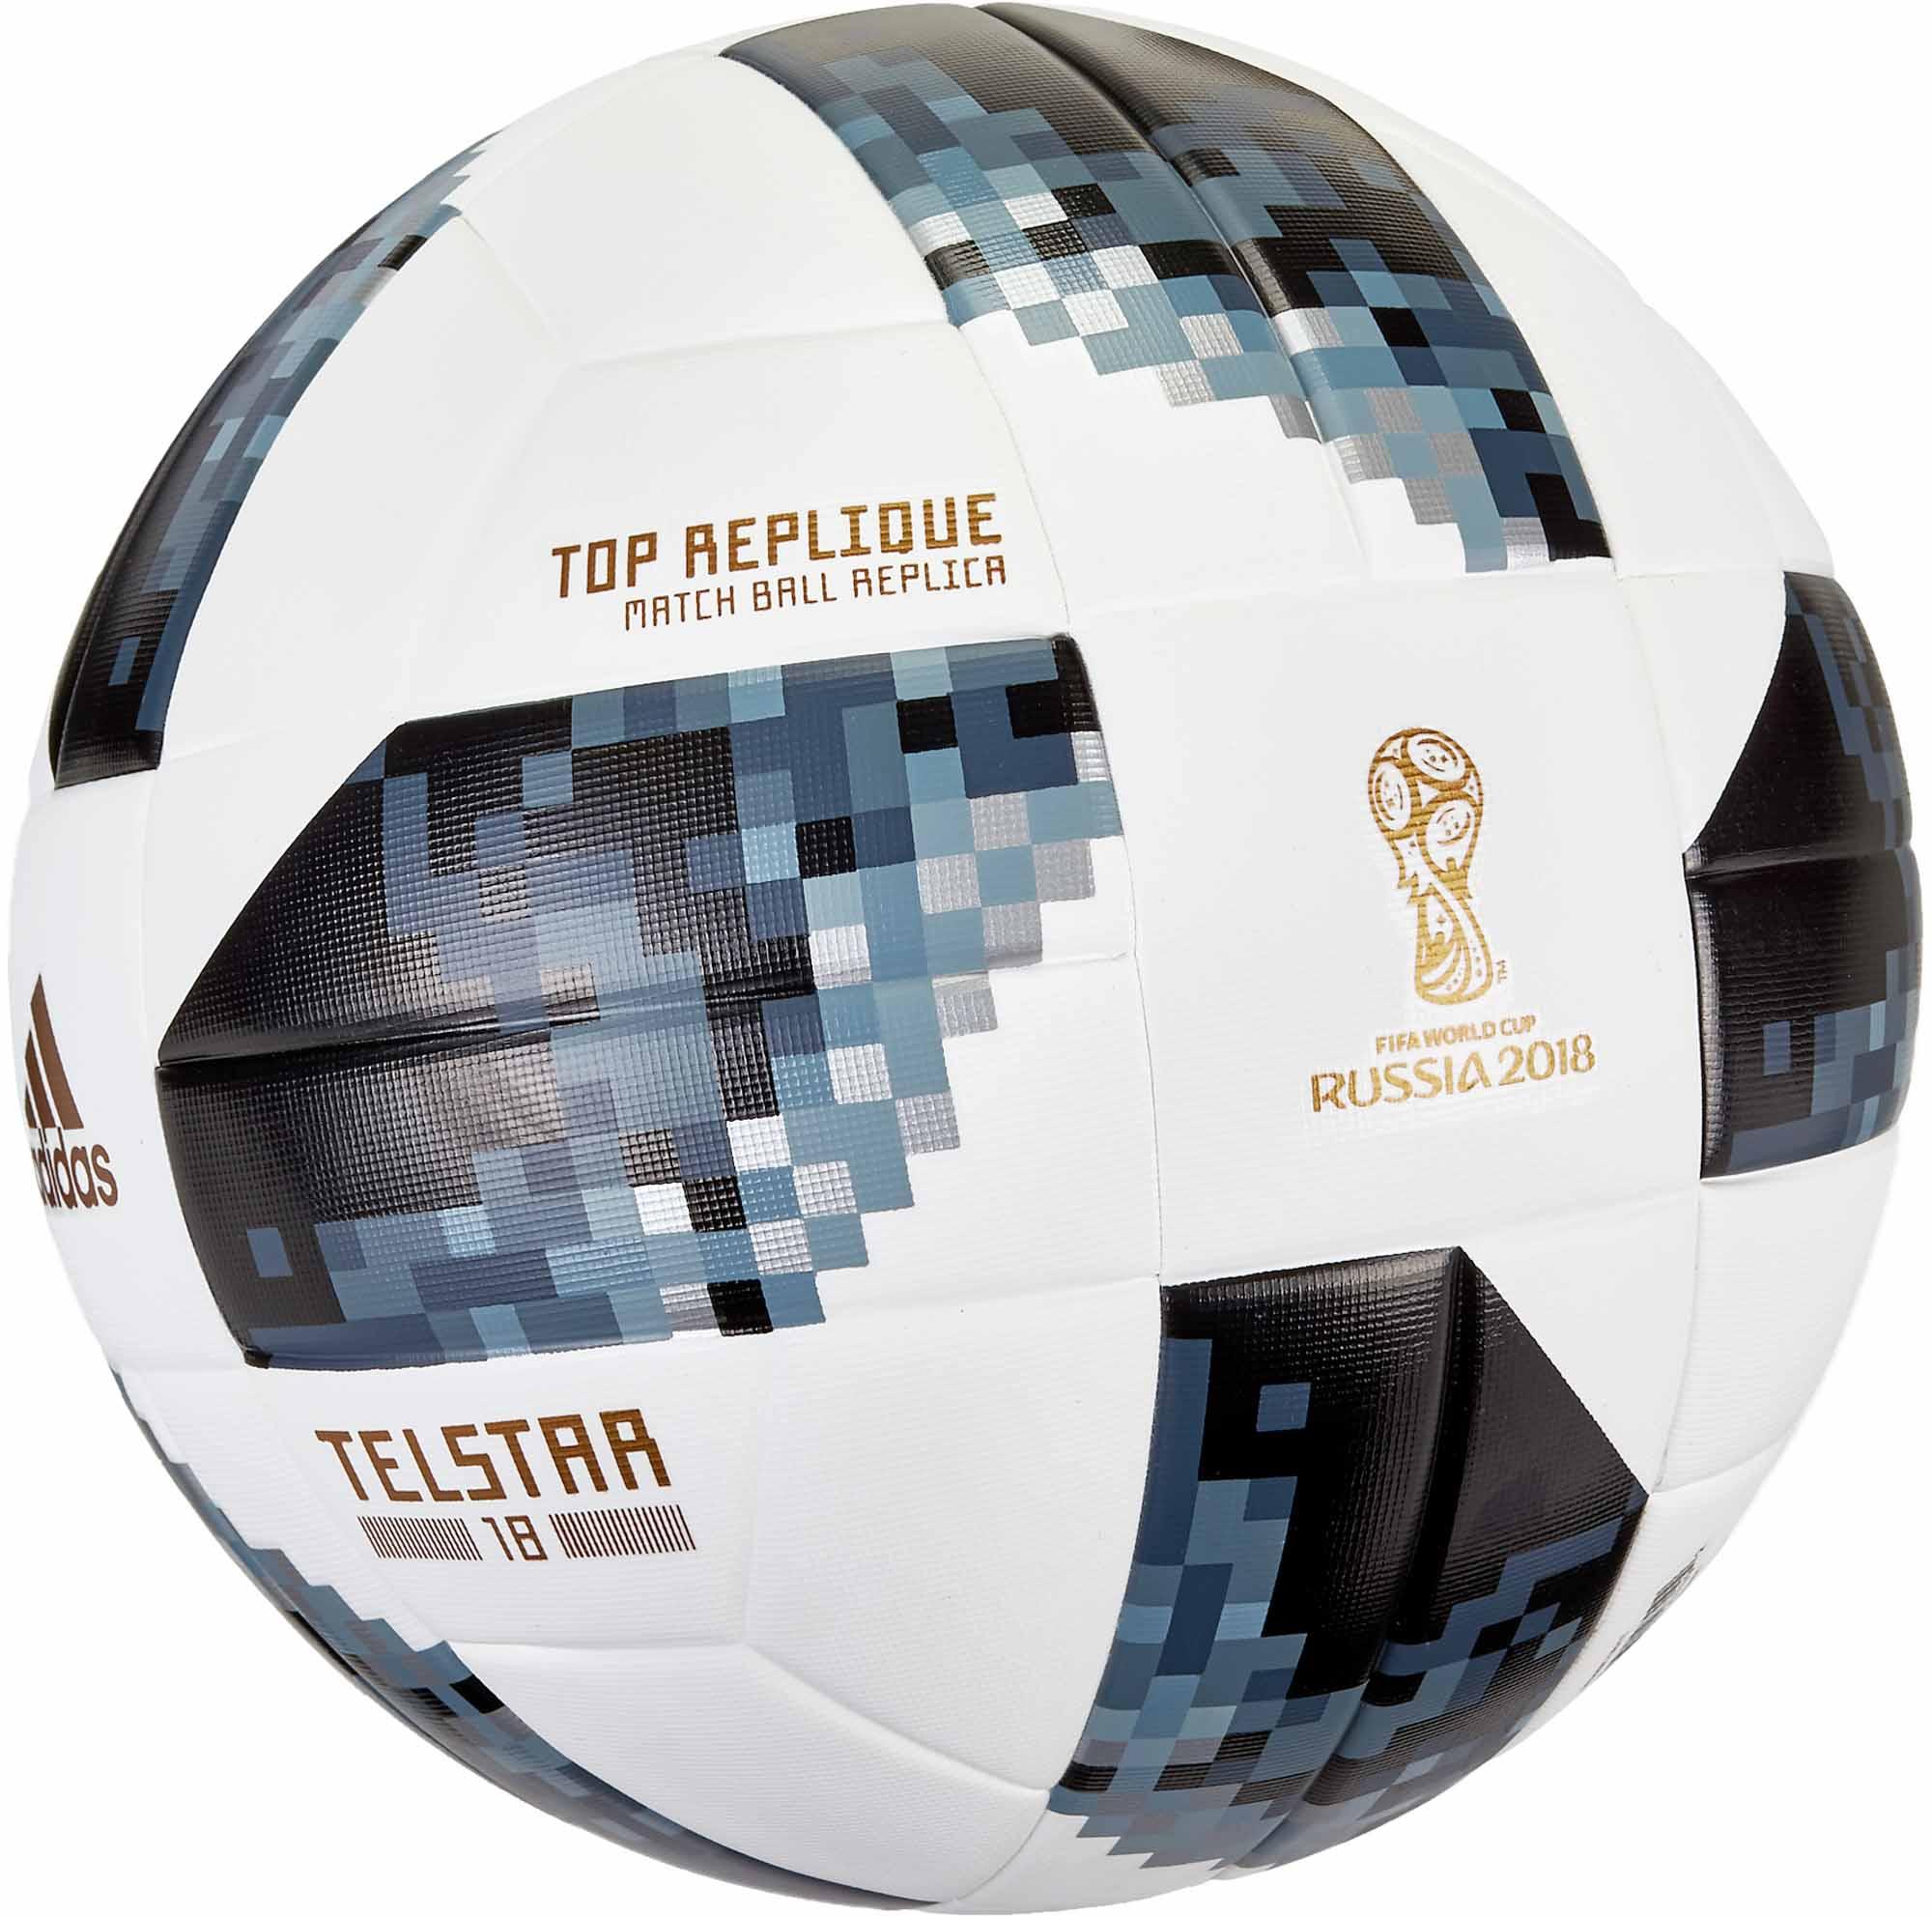 Organo Generalmente frase  adidas Telstar 18 World Cup Top Replique Soccer Ball - White & Metallic  Silver - Soccer Master